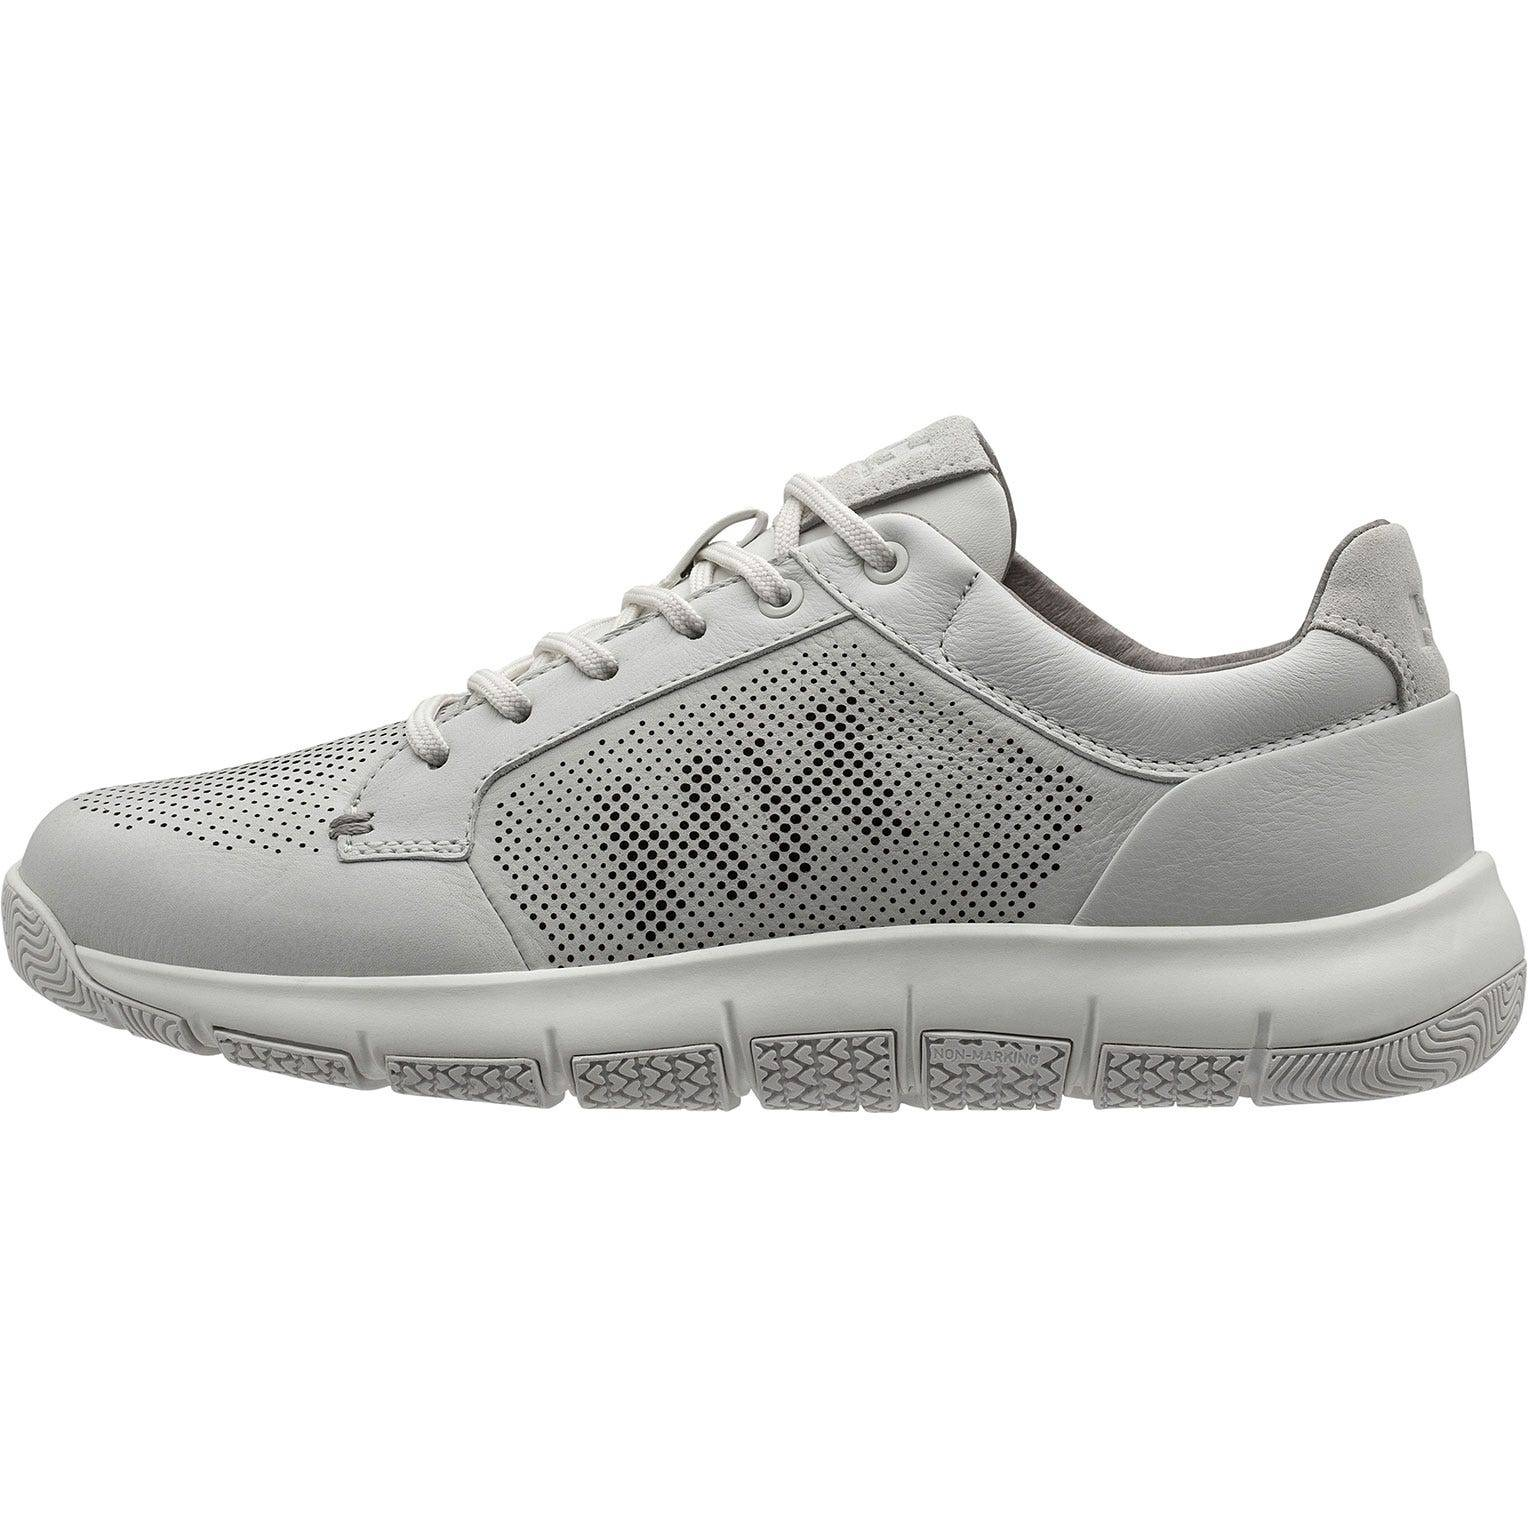 Helly Hansen W Skagen Pier Leather Shoe Womens Casual White 36/5.5